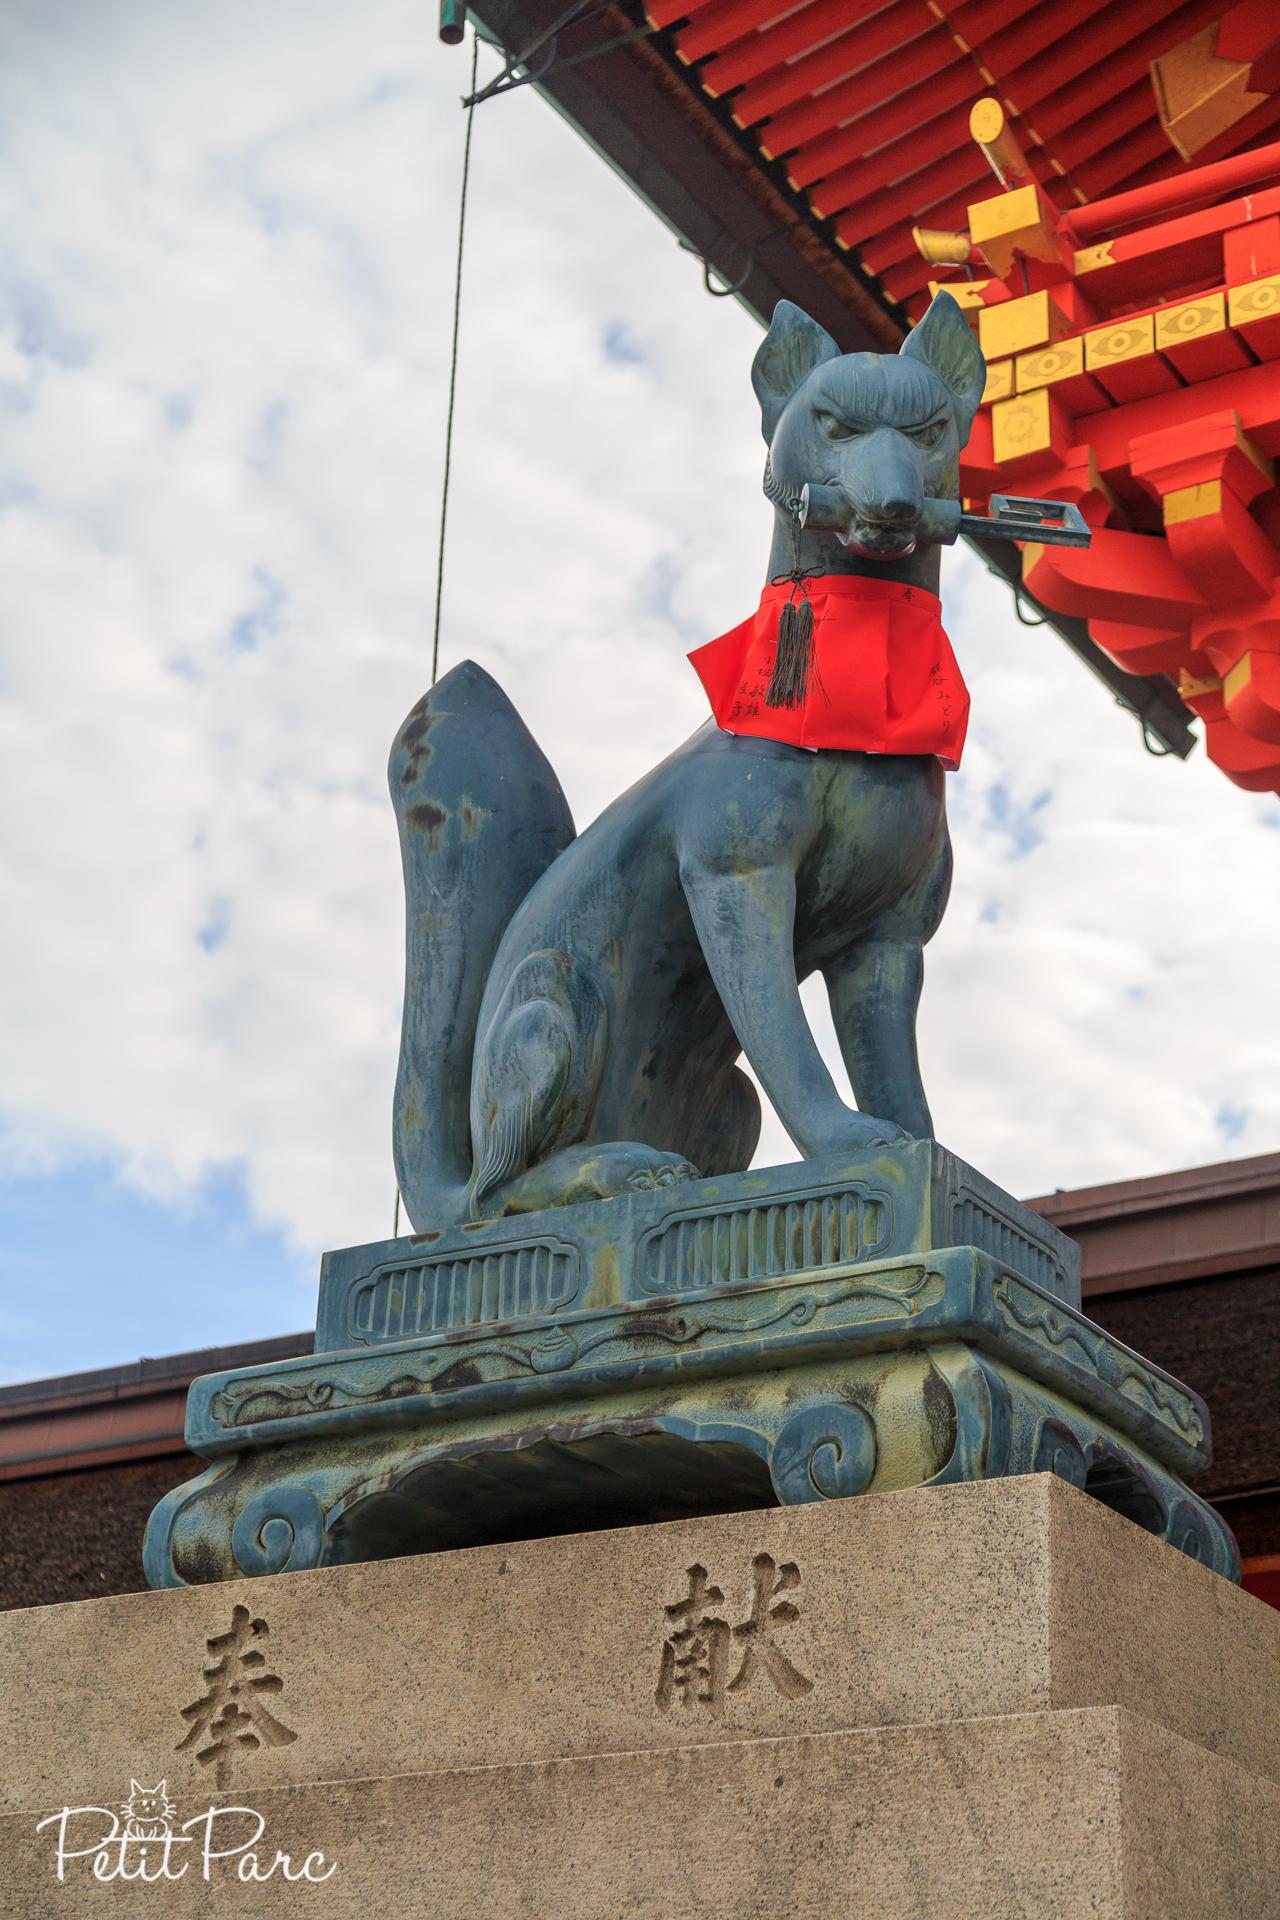 Kitsune portant les clés du temple